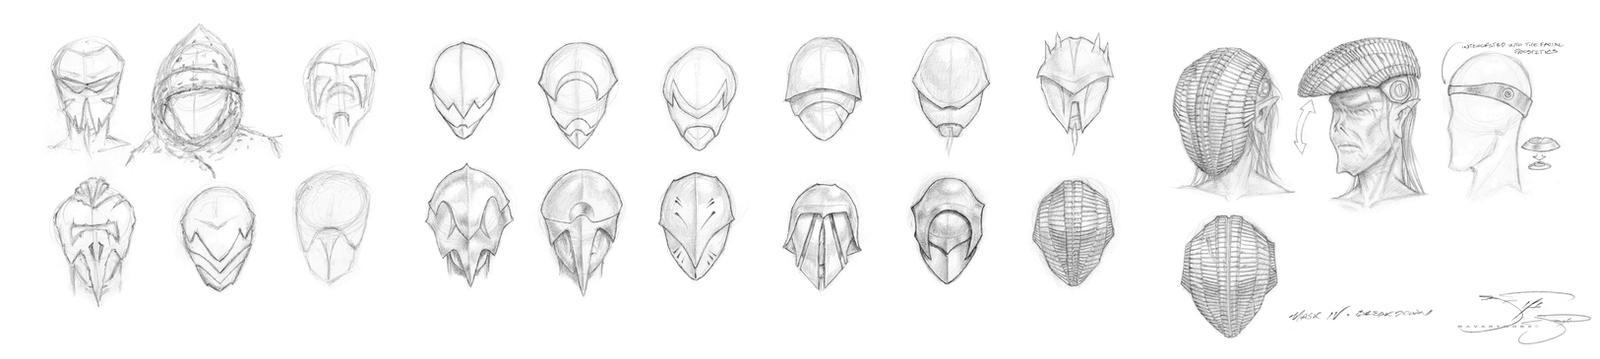 Sith Masks and Helmets Phases I thru V by mavartworx